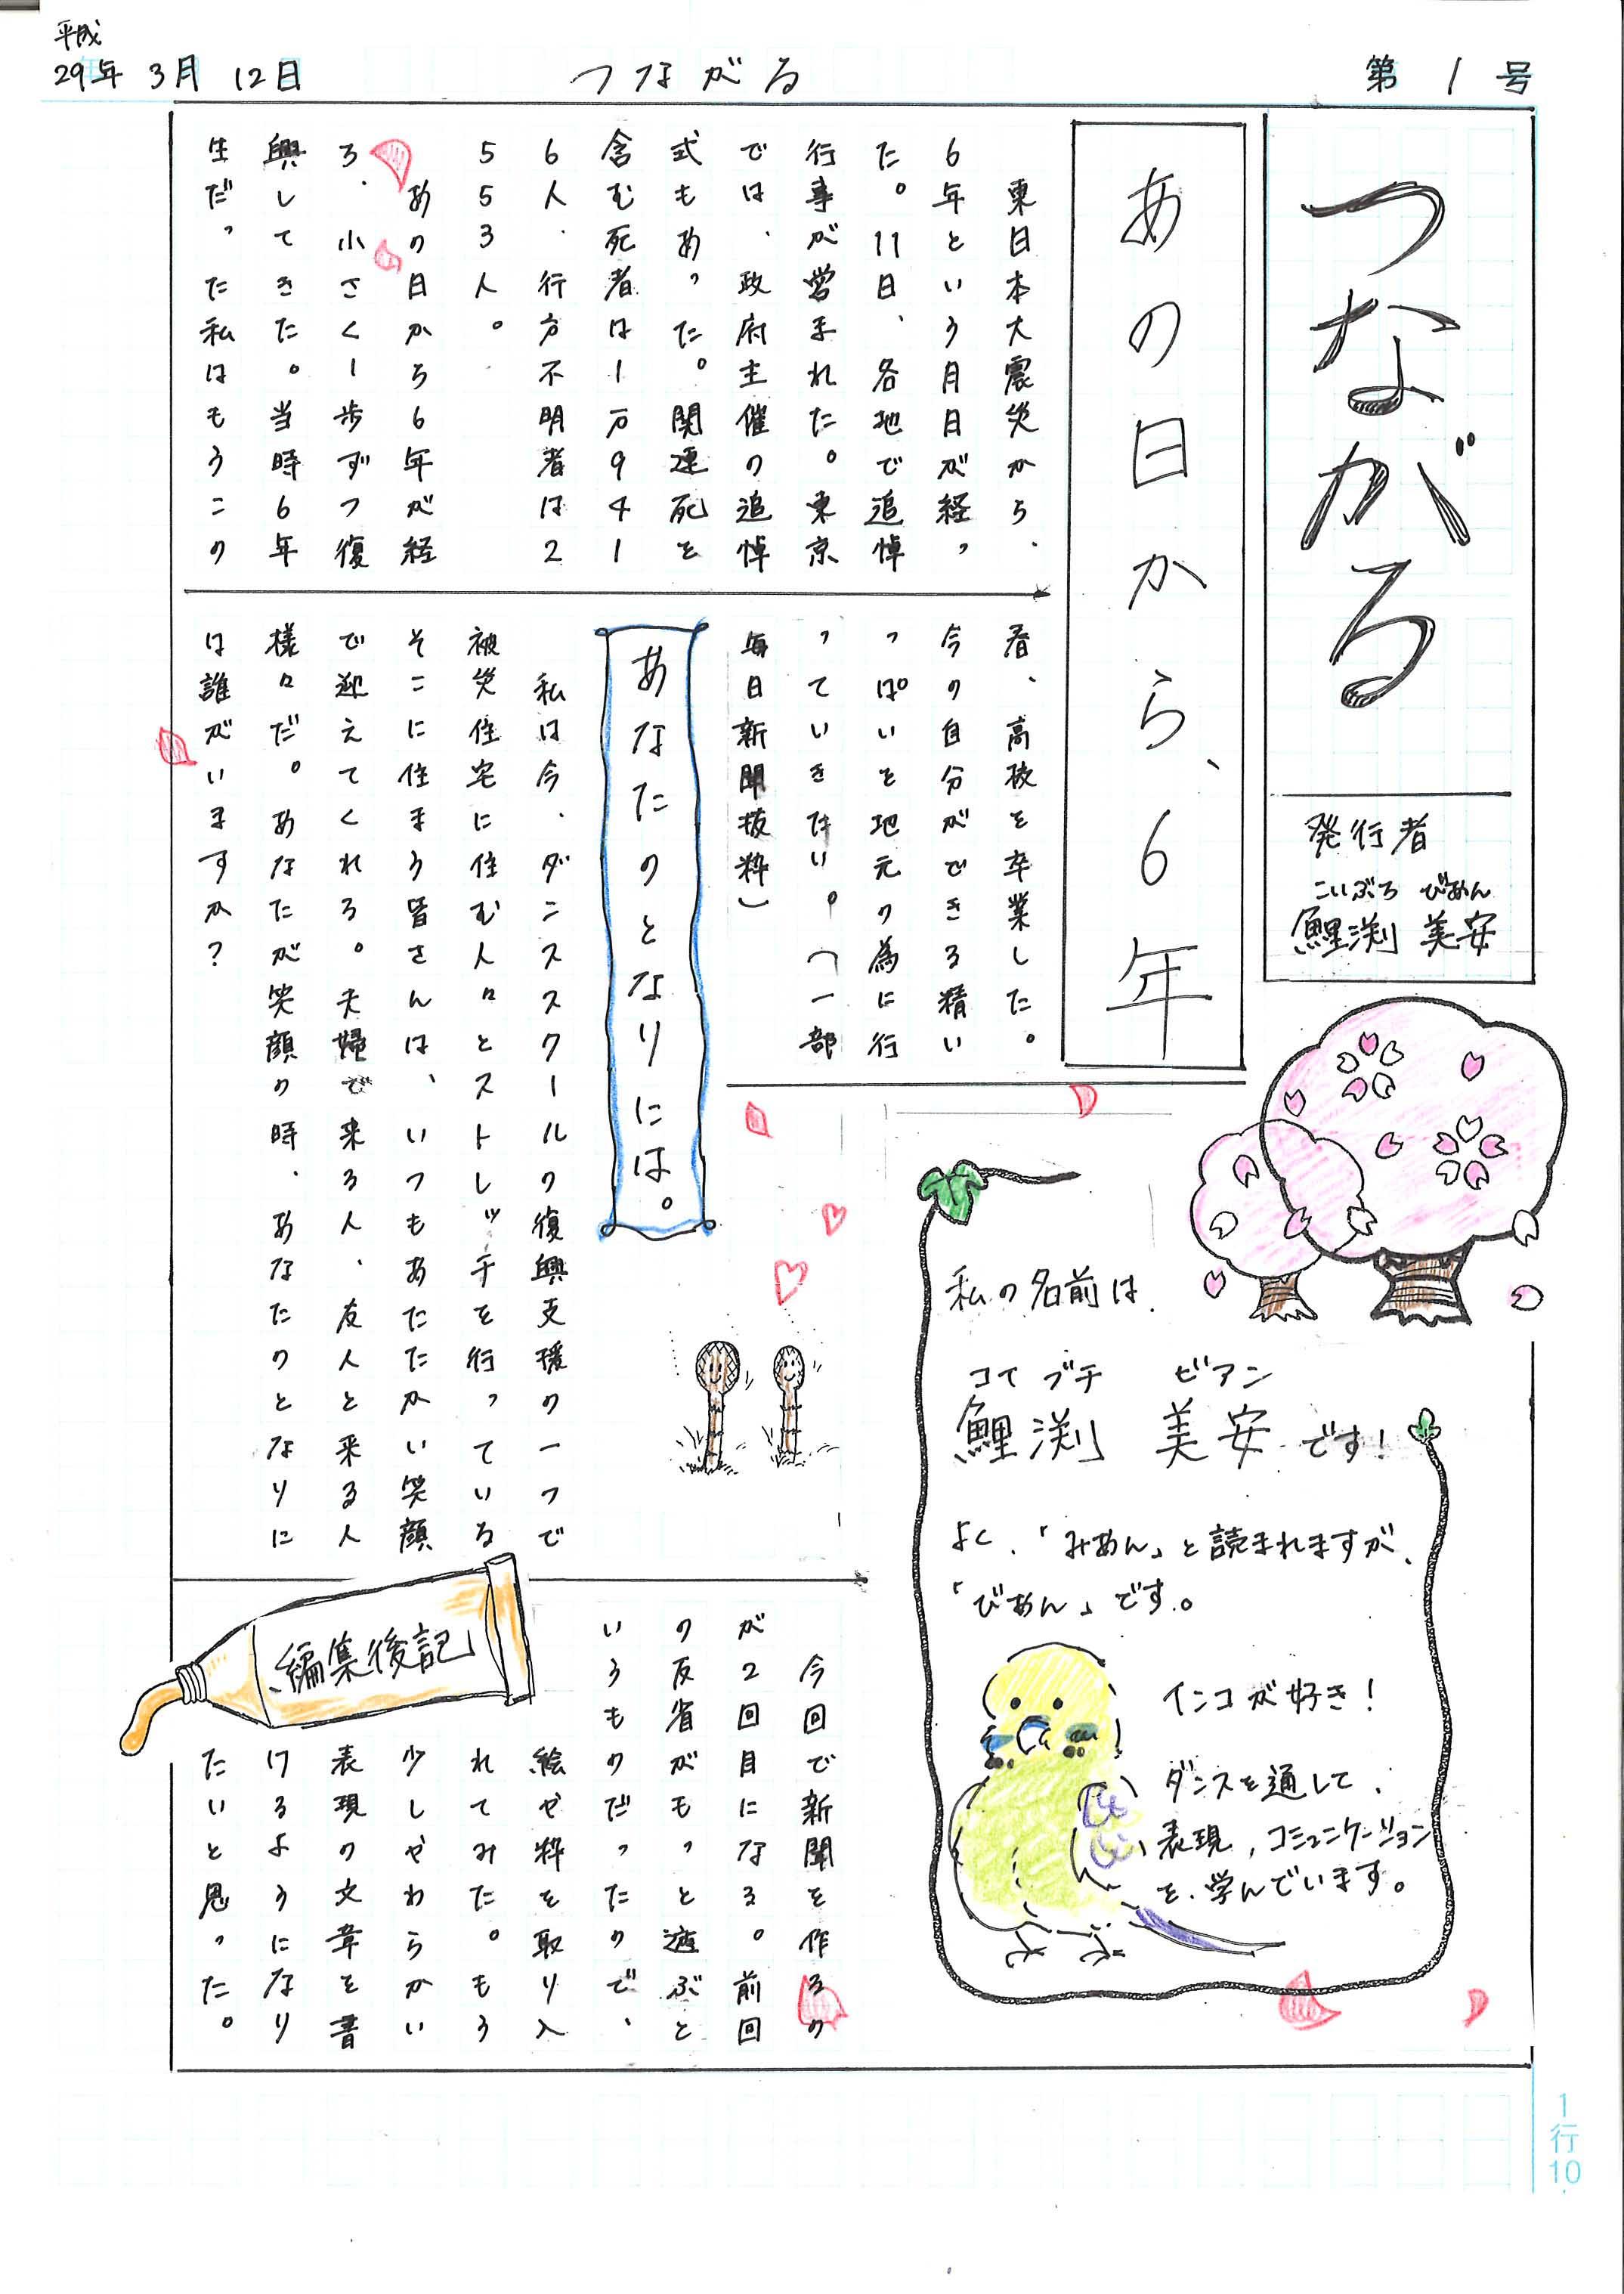 http://bunp.47news.jp/event/images/min1012_004.jpg